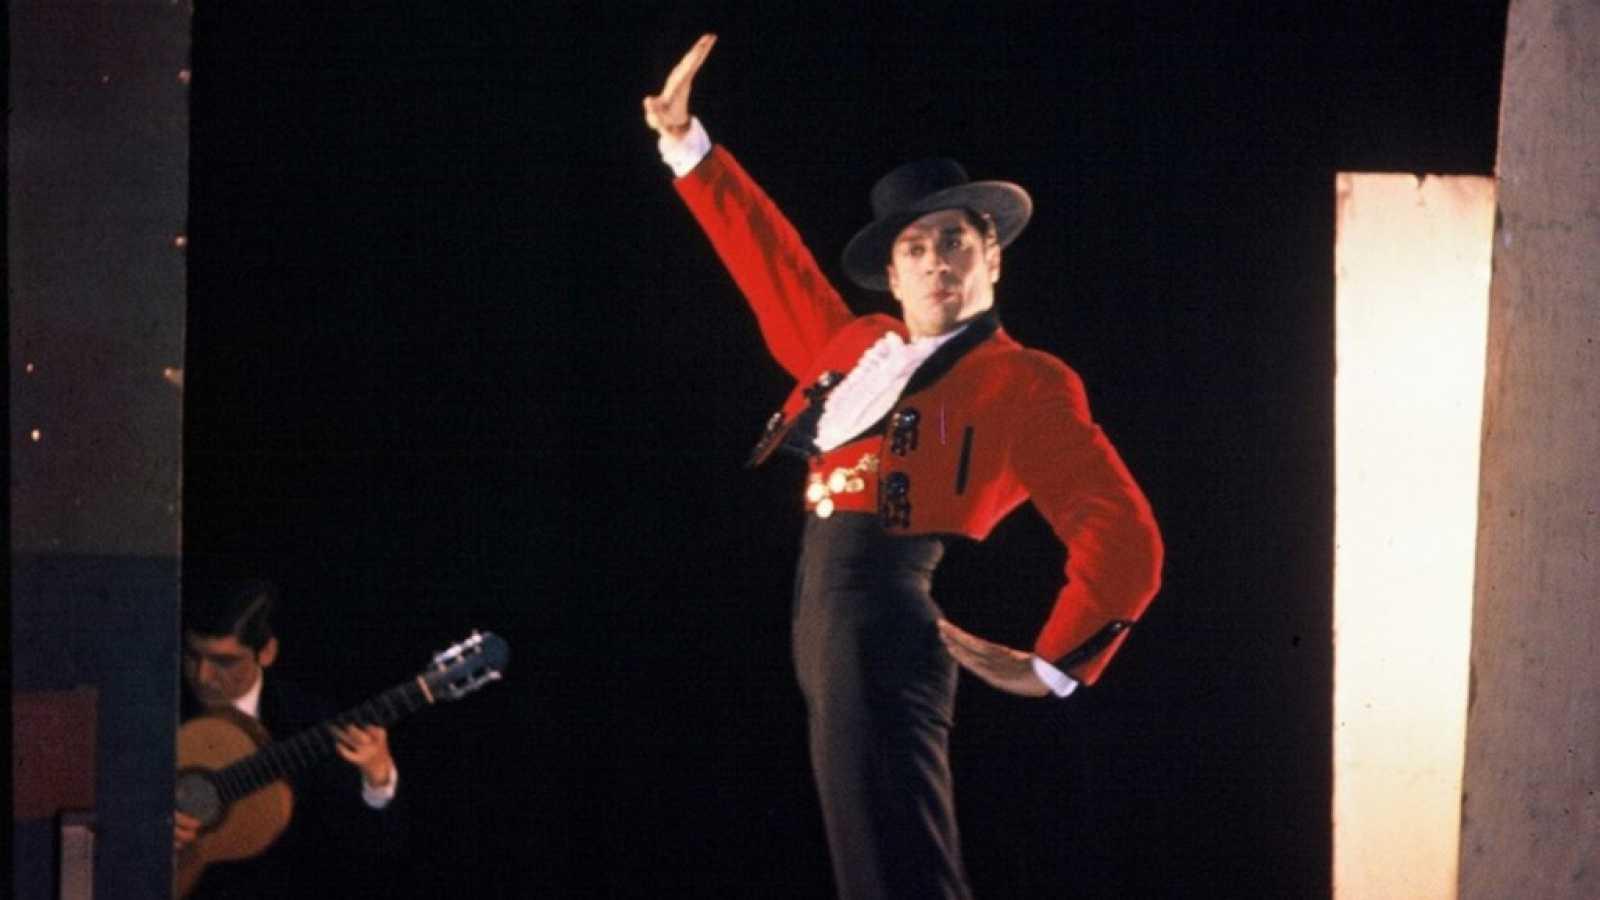 Antonio el bailarín, el Paganini de la danza - Escuchar ahora